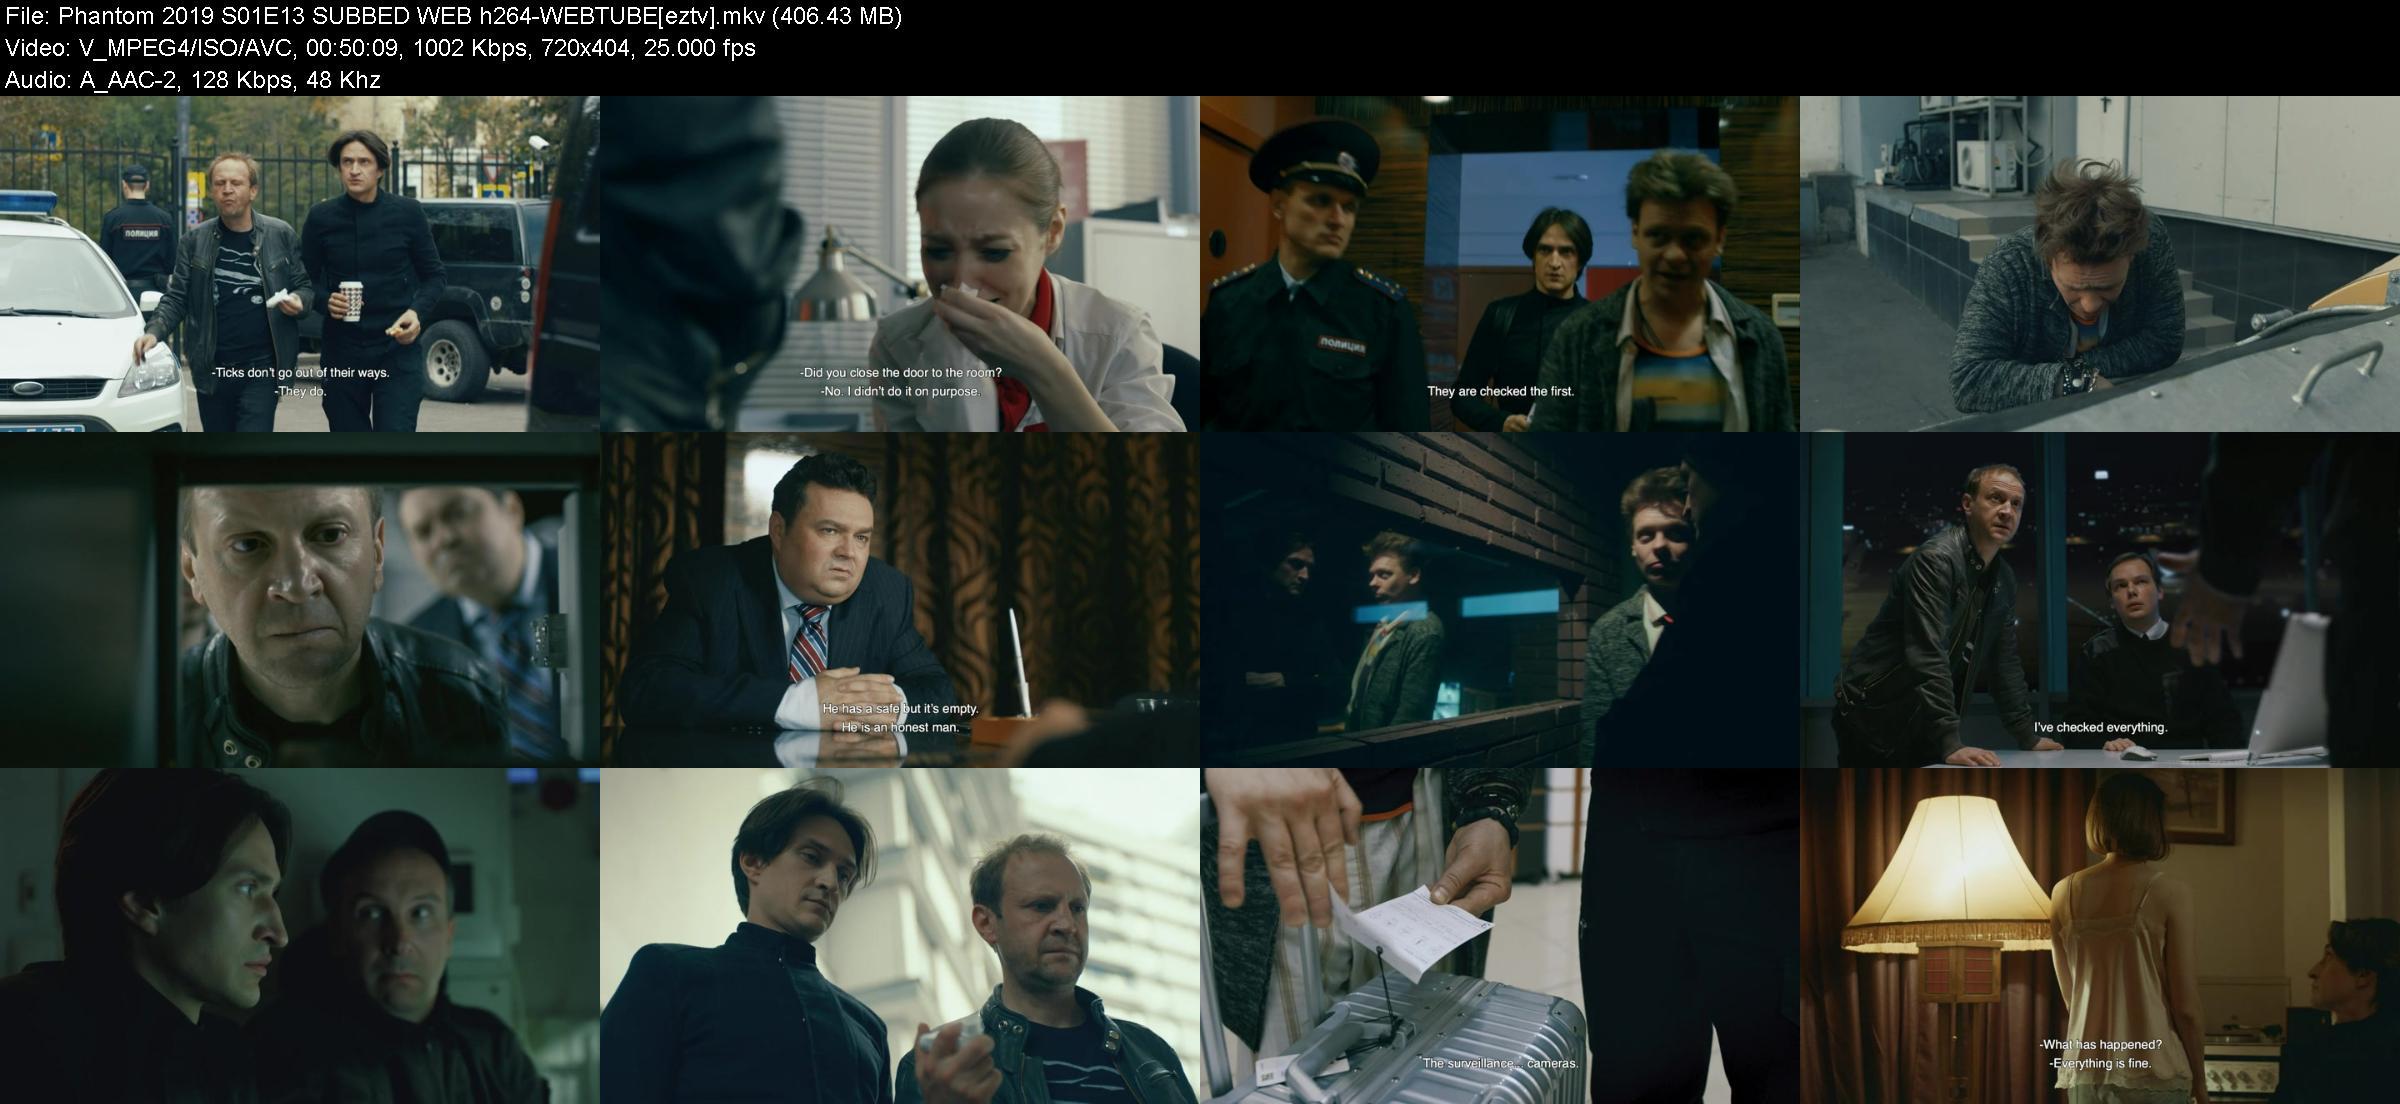 Phantom 2019 S01E13 SUBBED WEB h264-WEBTUBE